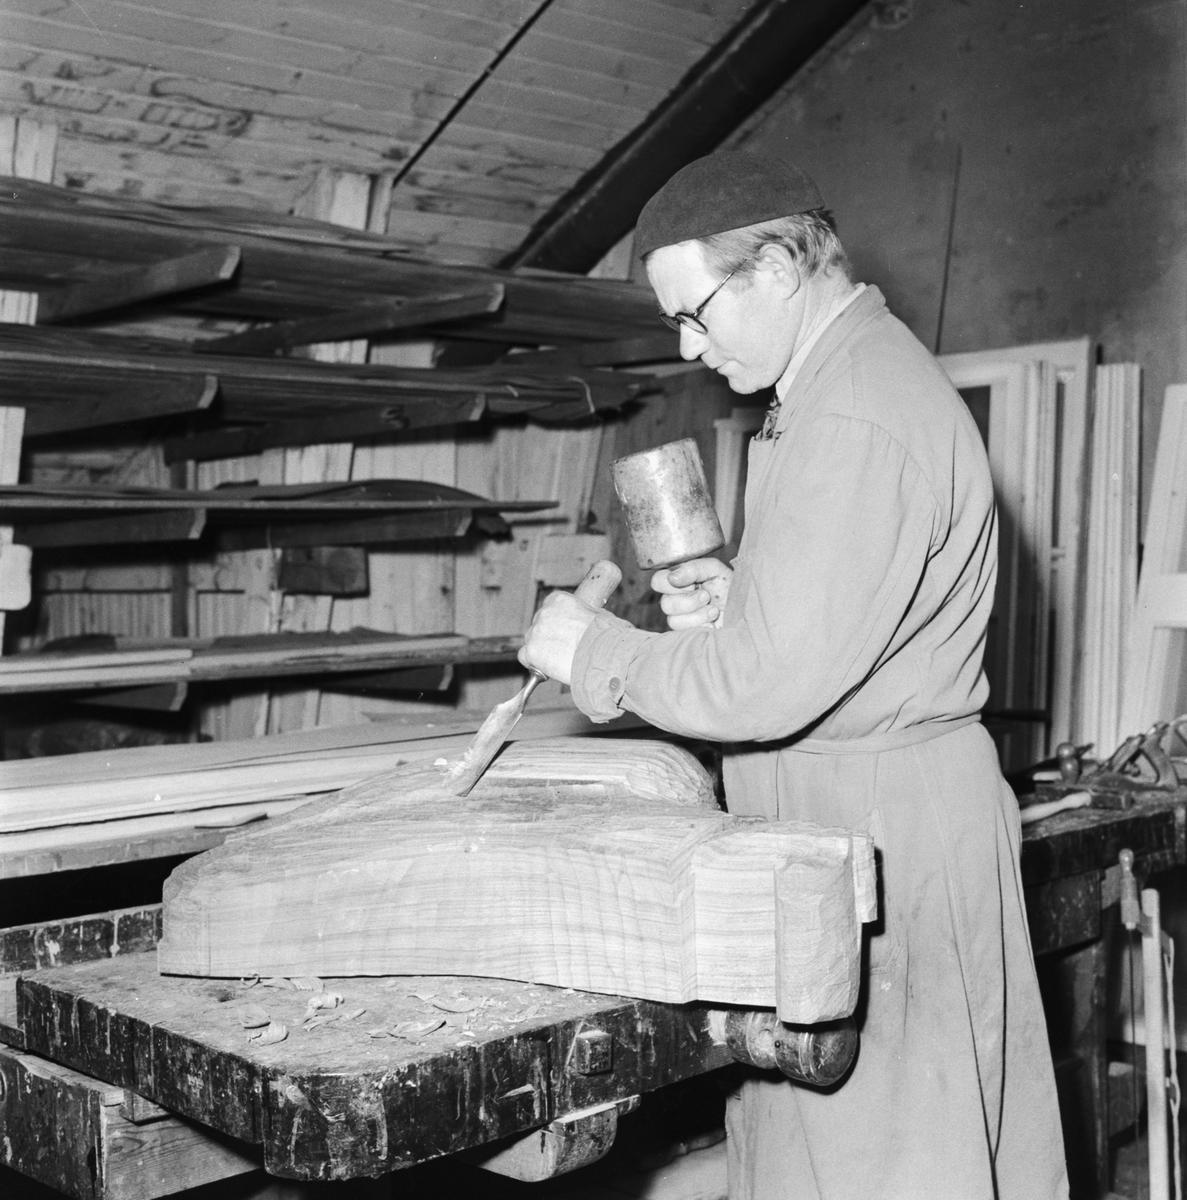 Övrigt: Foto datum: 2/6 1956 Byggnader och kranar Rosenbom nytillverkning